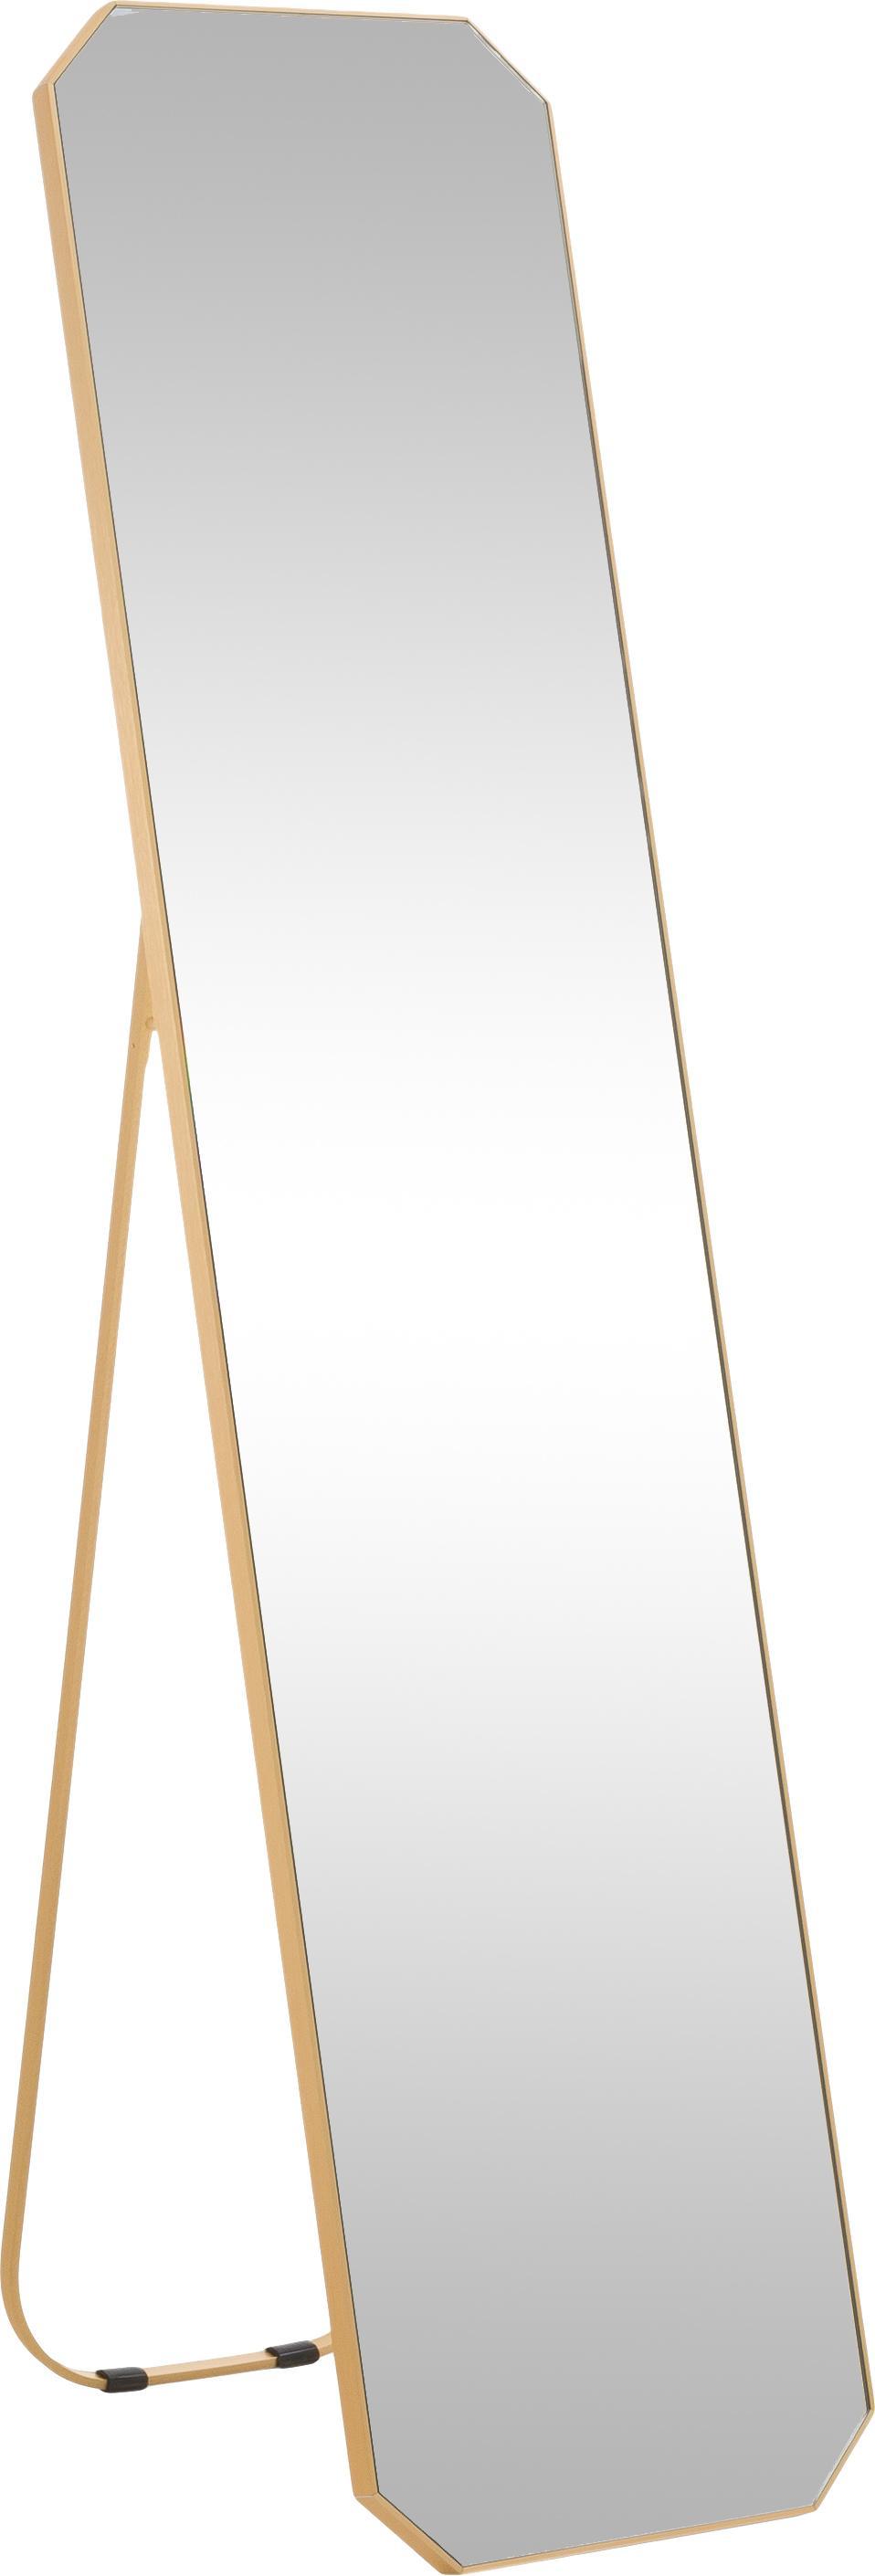 Eckiger Standspiegel Bavado mit Goldrahmen, Rahmen: Aluminium, beschichtet, Spiegelfläche: Spiegelglas, Messingfarben, 41 x 175 cm